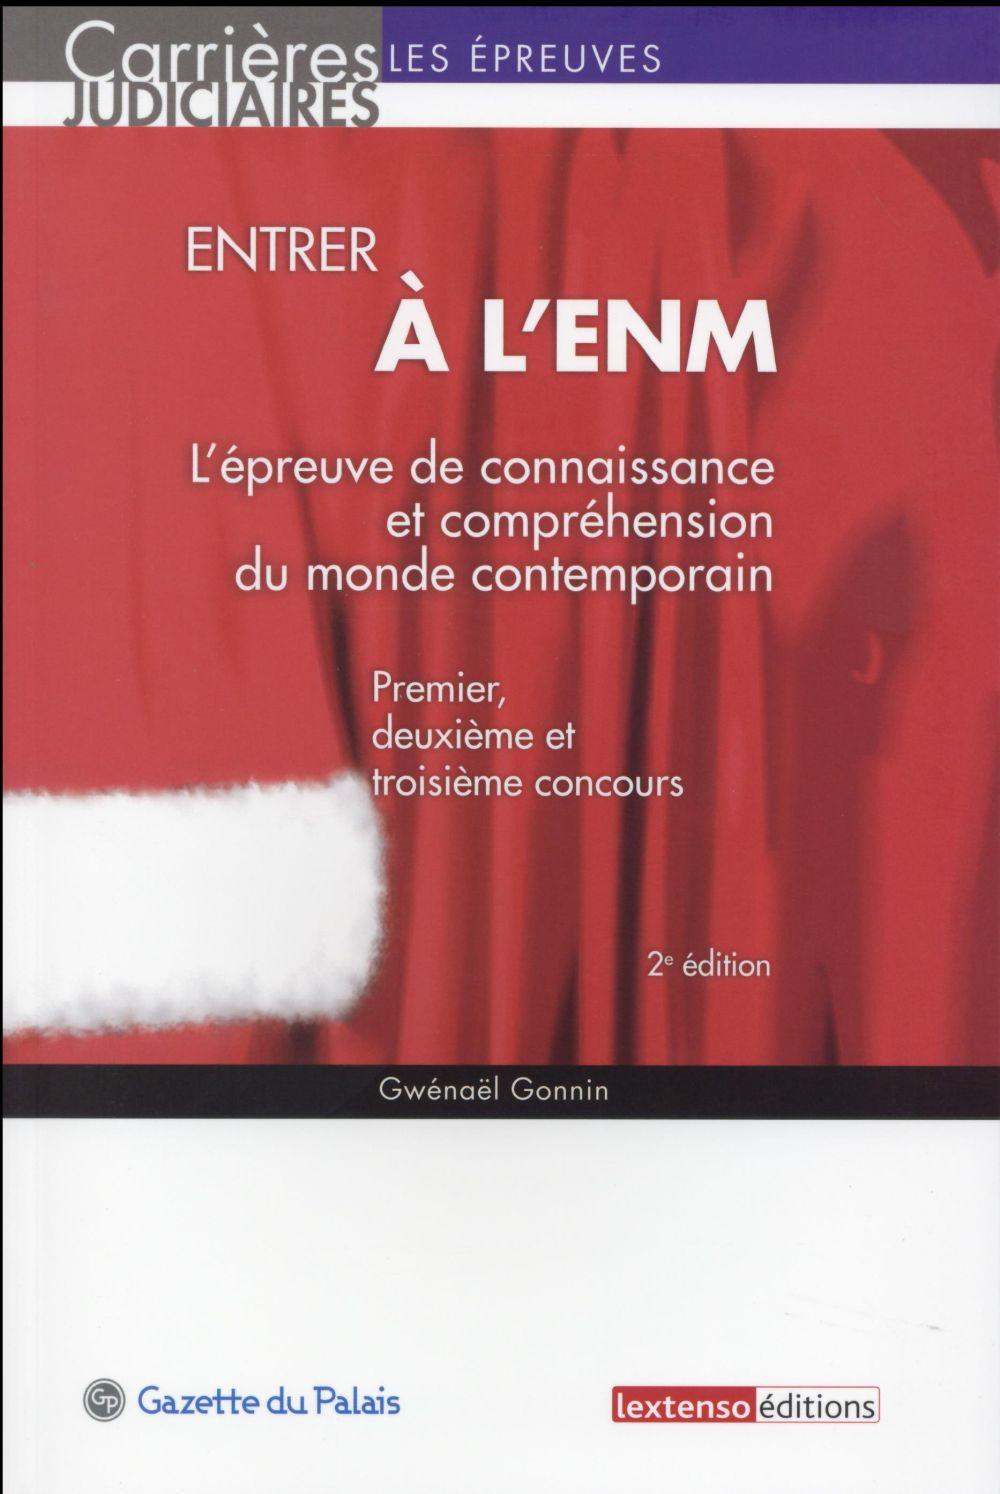 Entrer à l'ENM ; l'épreuve de connaissance et compréhension du monde contemporain (2e édition)